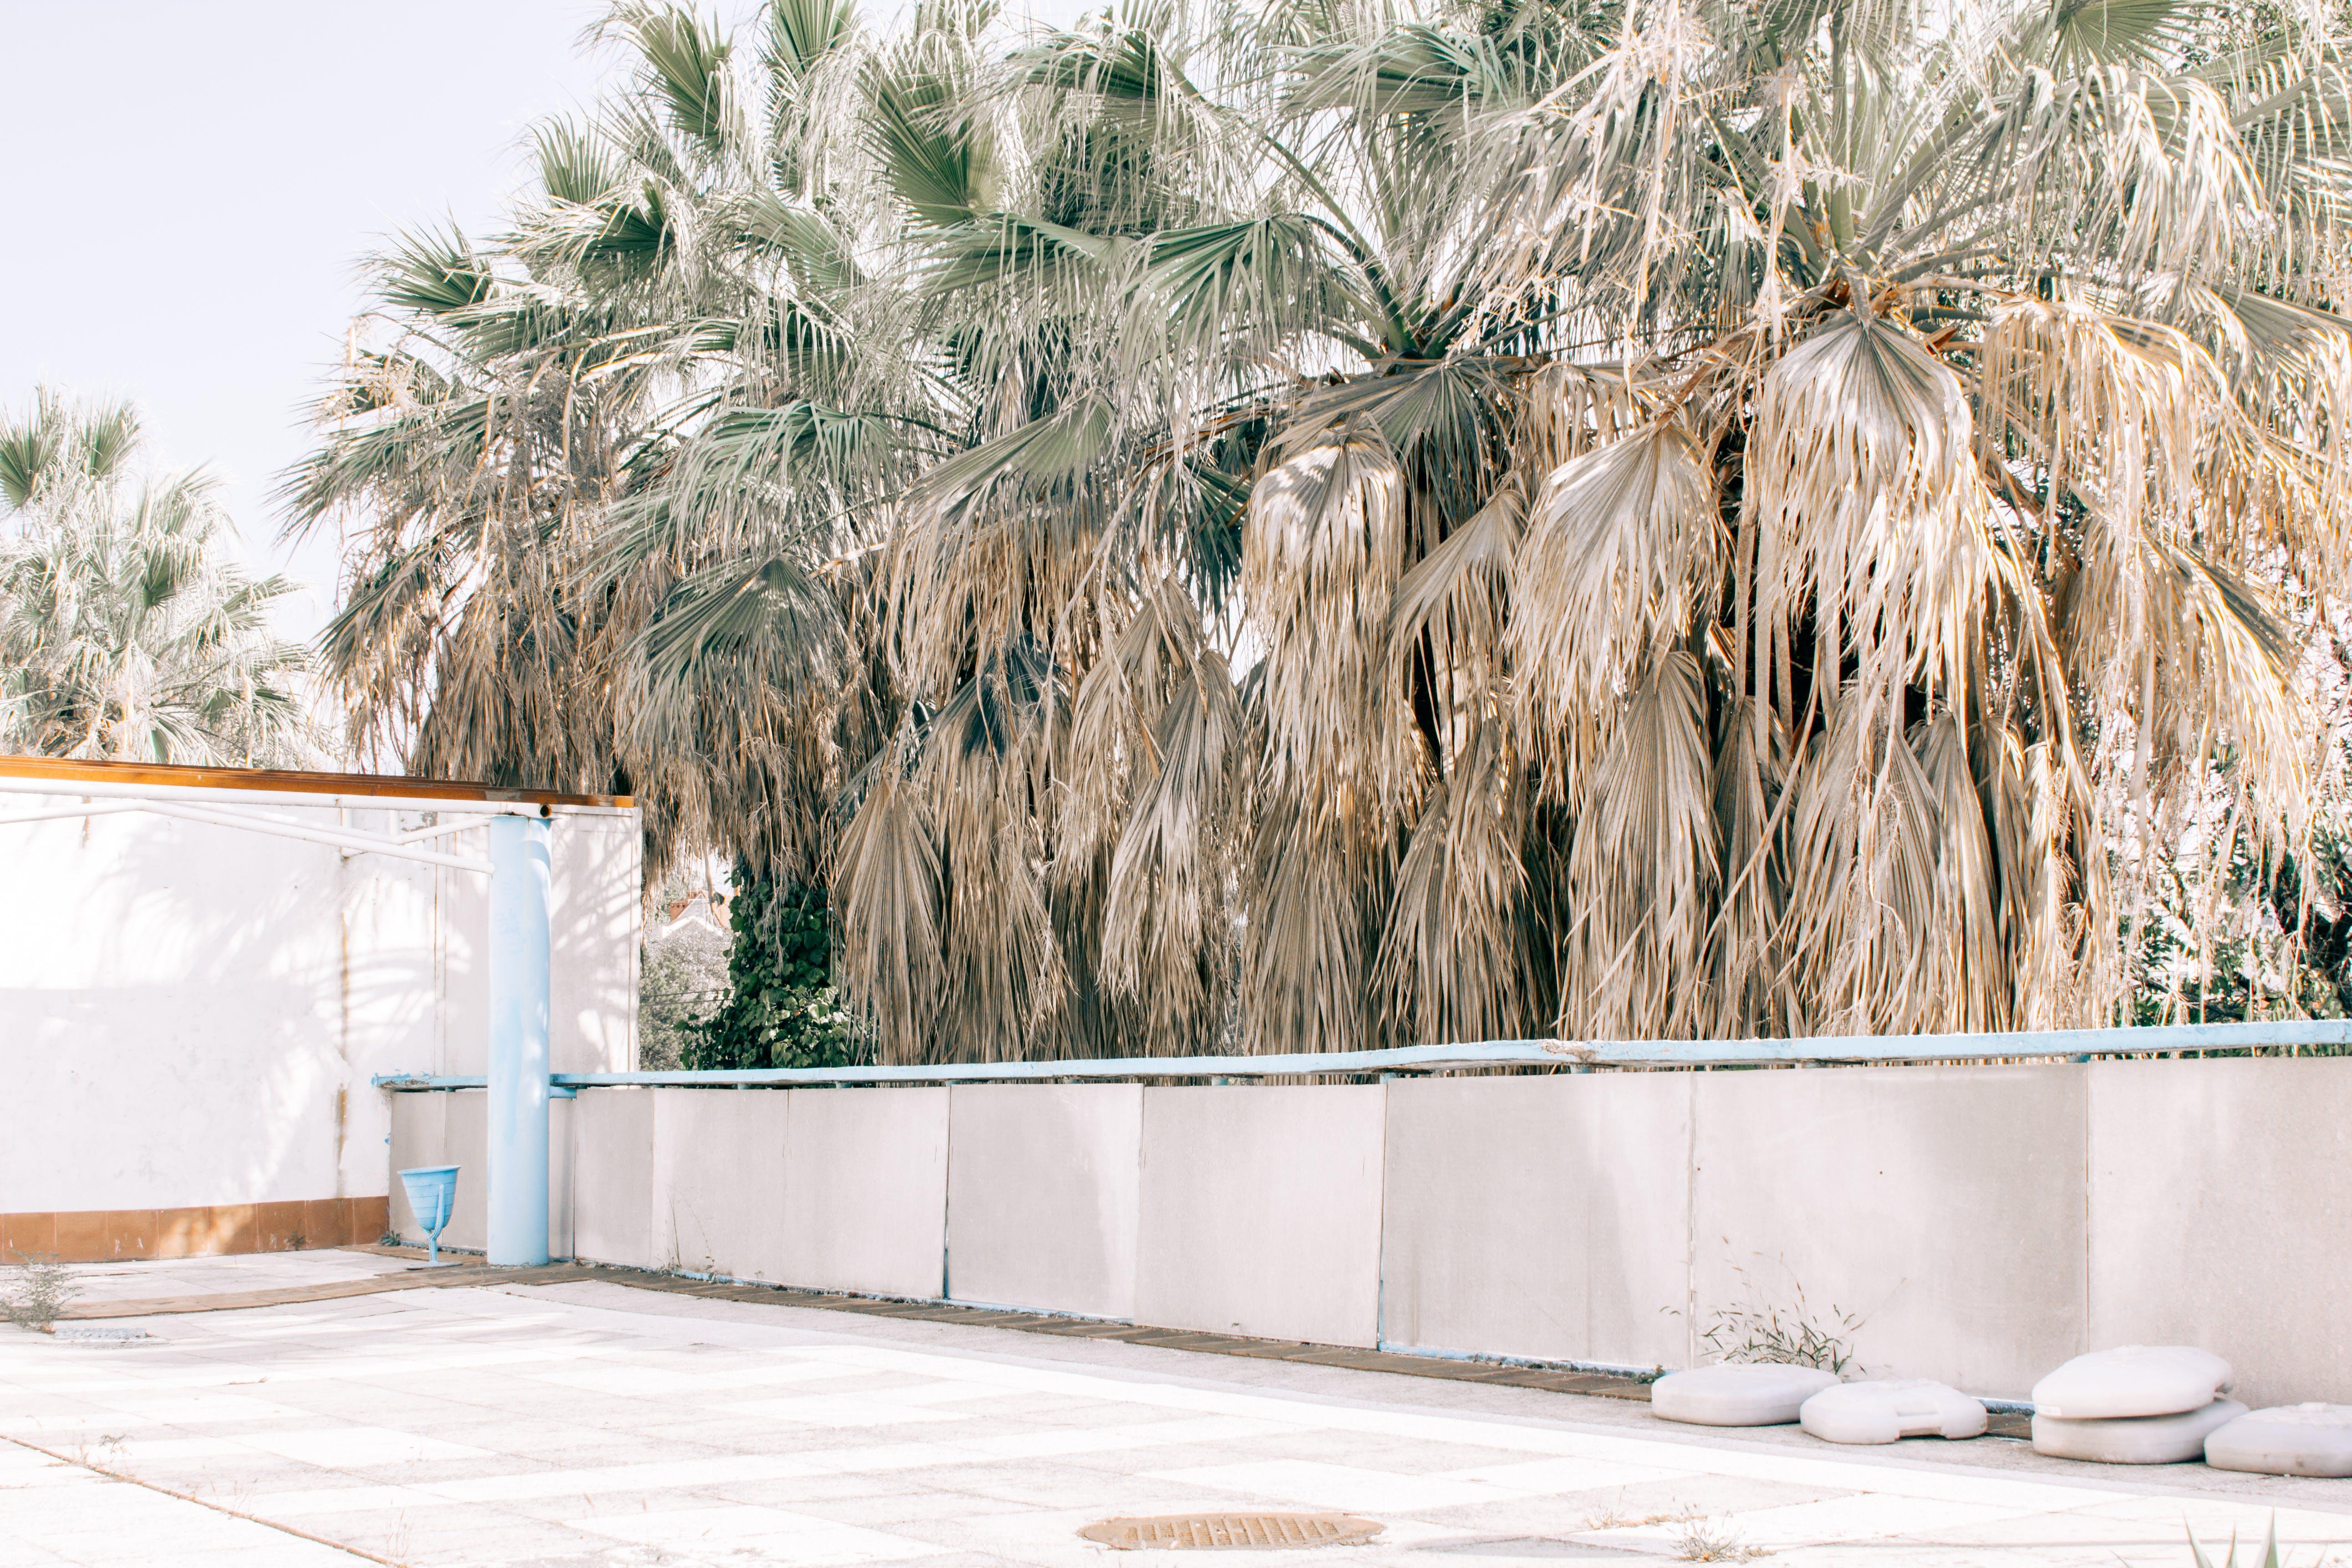 Kostenloses Stock Foto zu bäume, betonoberfläche, bürgersteig, landschaft